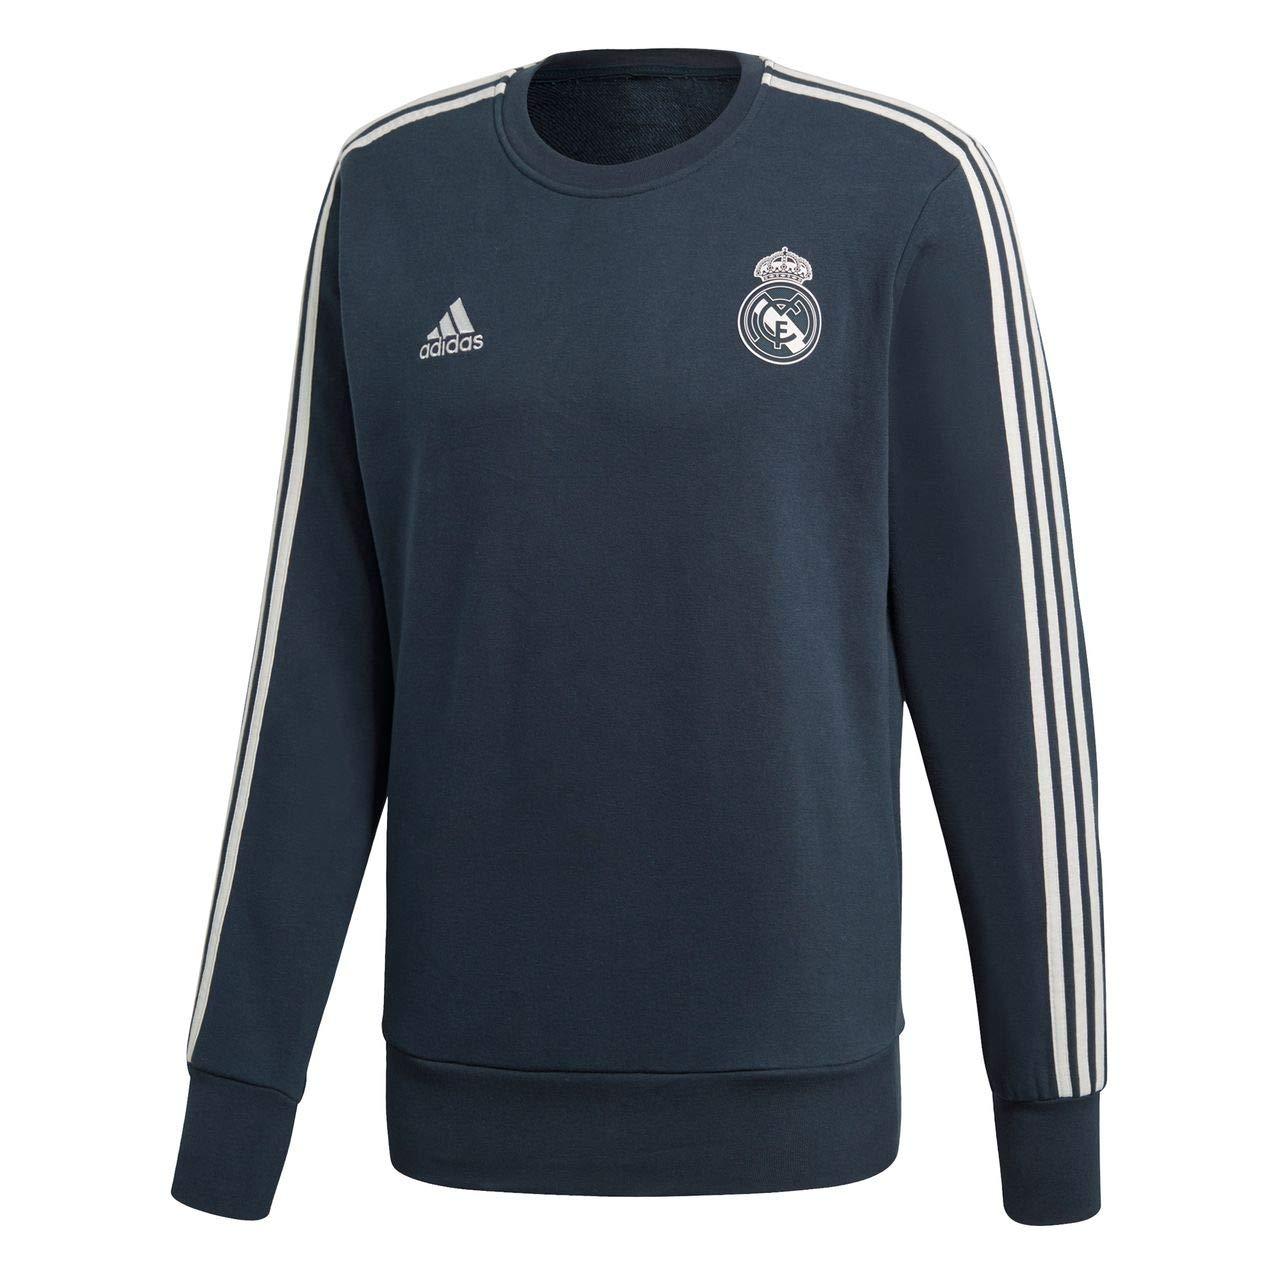 ADIDAS Herren Real Madrid Sweat Top Sweatshirt